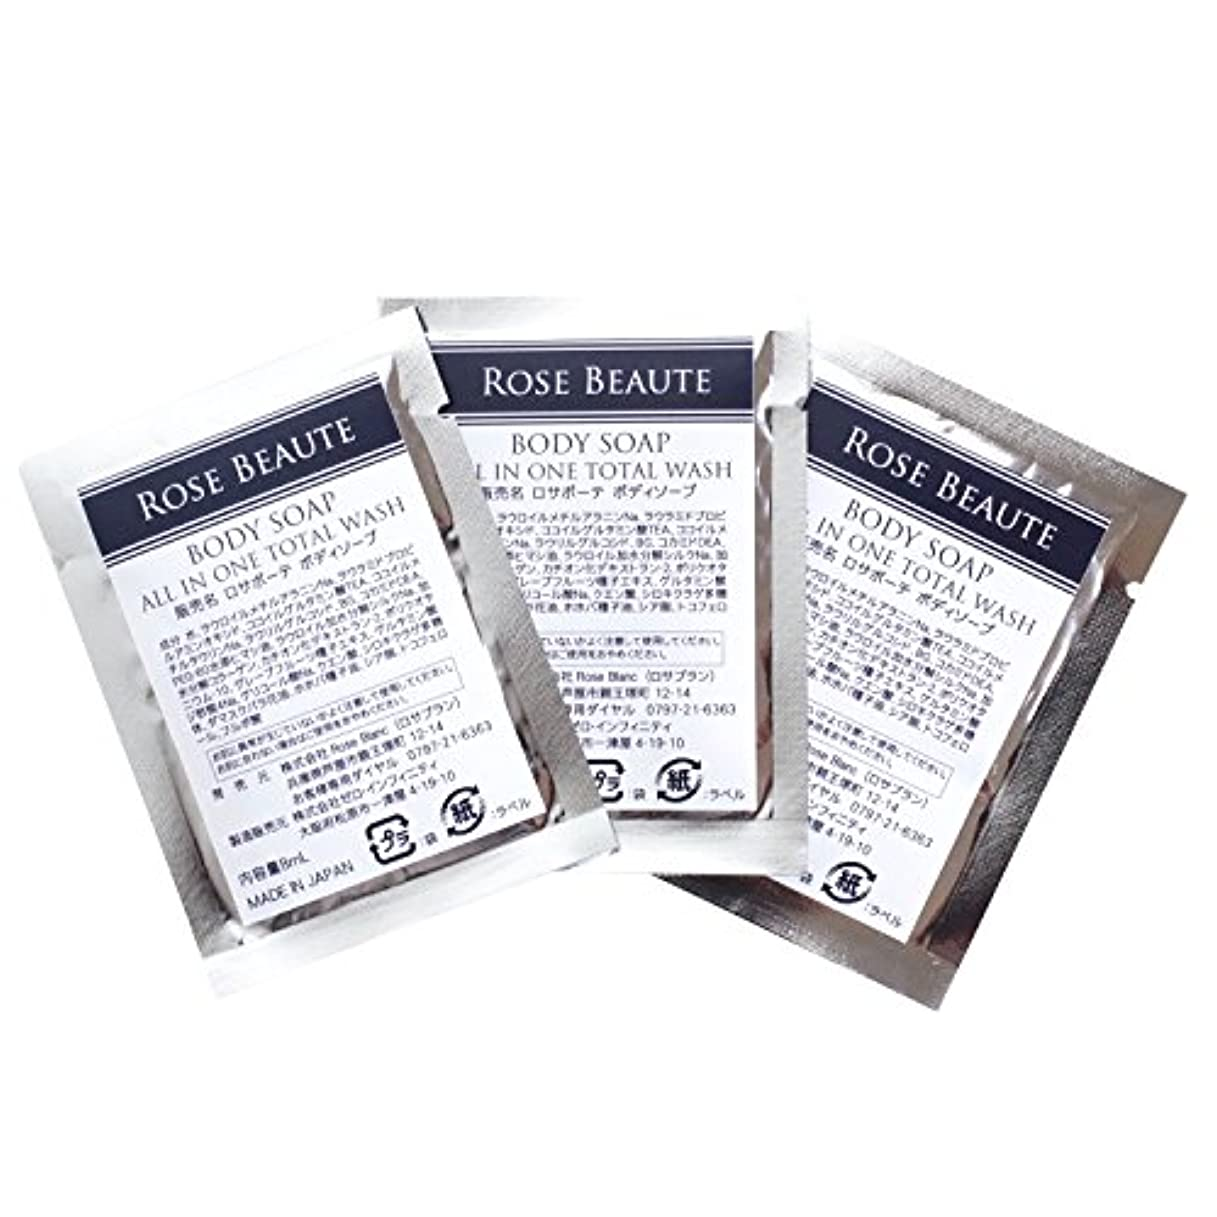 甲虫一部飢えRose Beaute(ロサボーテ) 無添加 ノンシリコン ボディーソープ (髪?顔?からだ用) 使い切り お試し 8ml×3パック 全身シャンプー 日本製